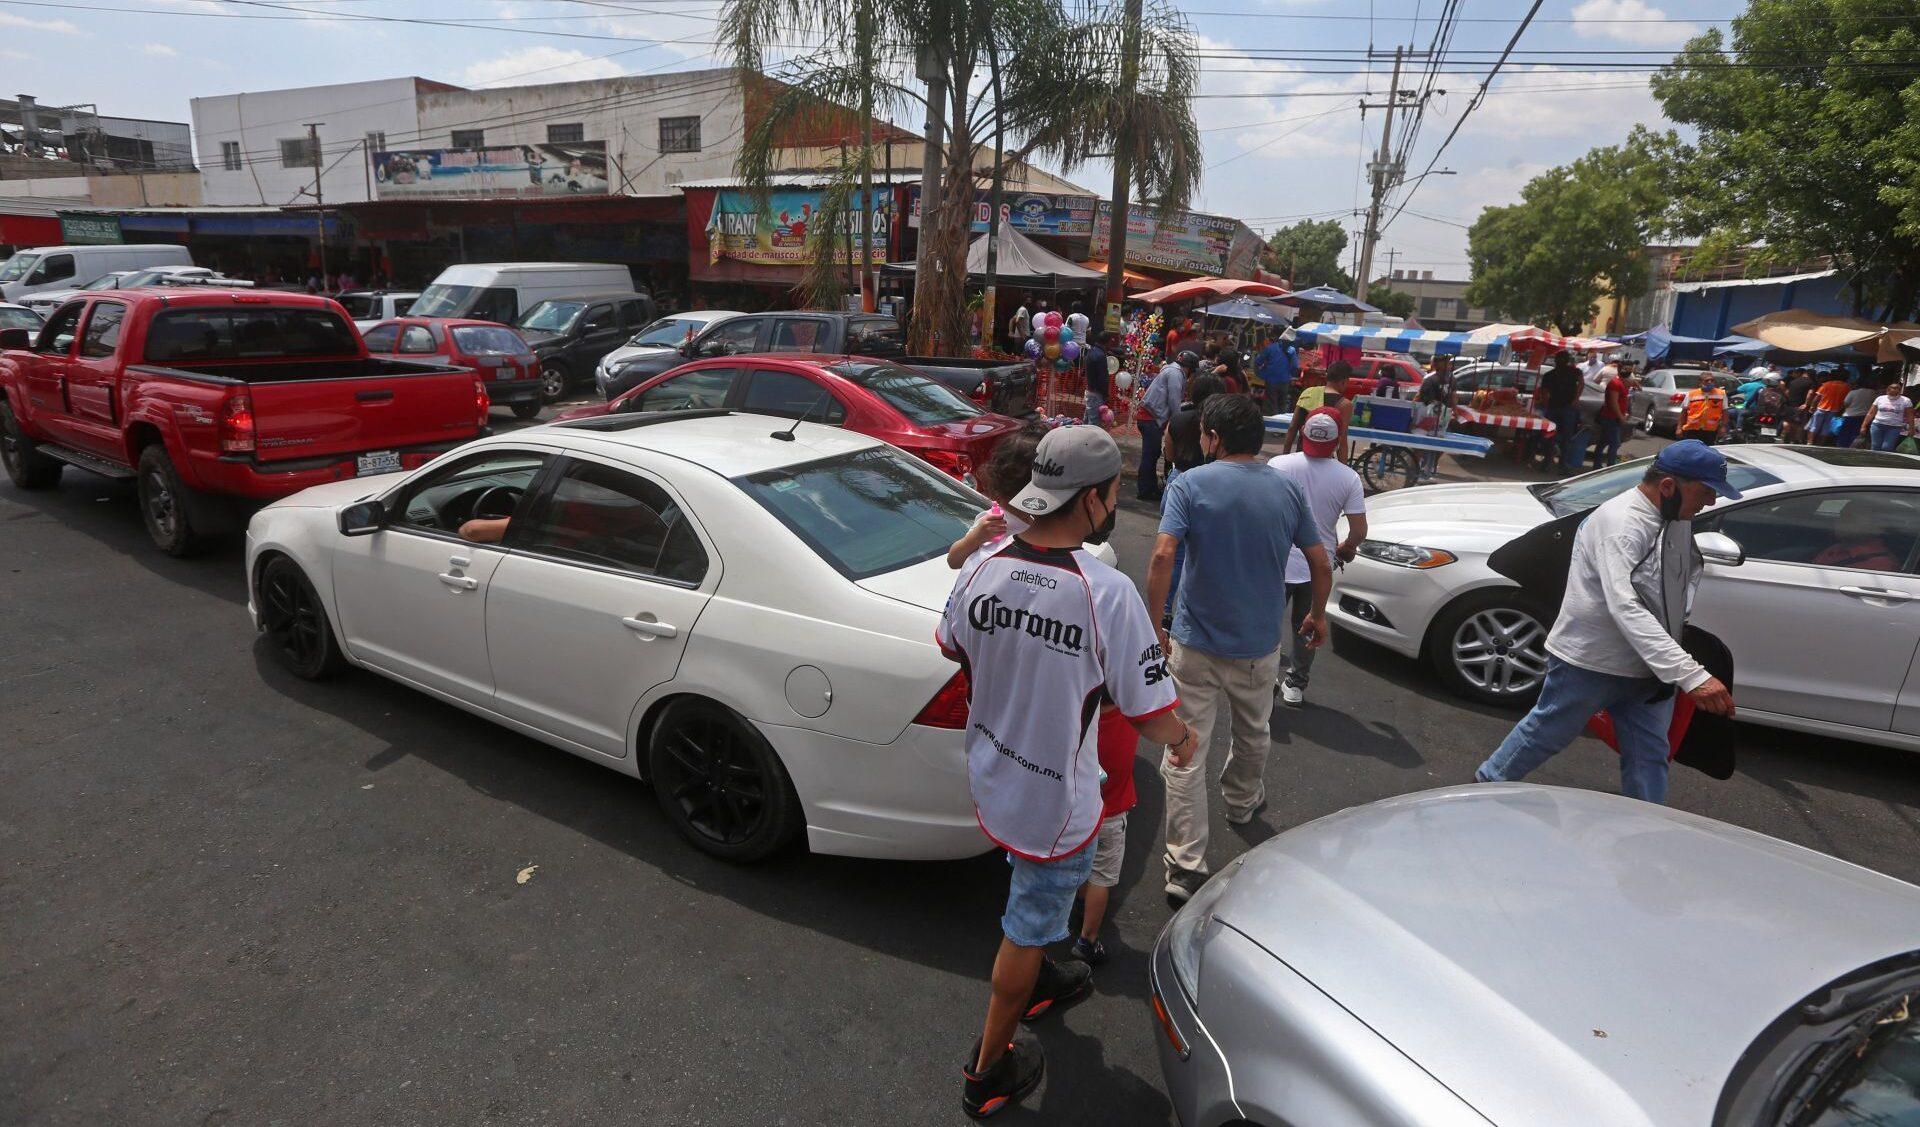 Carros foráneos necesitarán pase de estancia temporal en Guadalajara, Jalisco